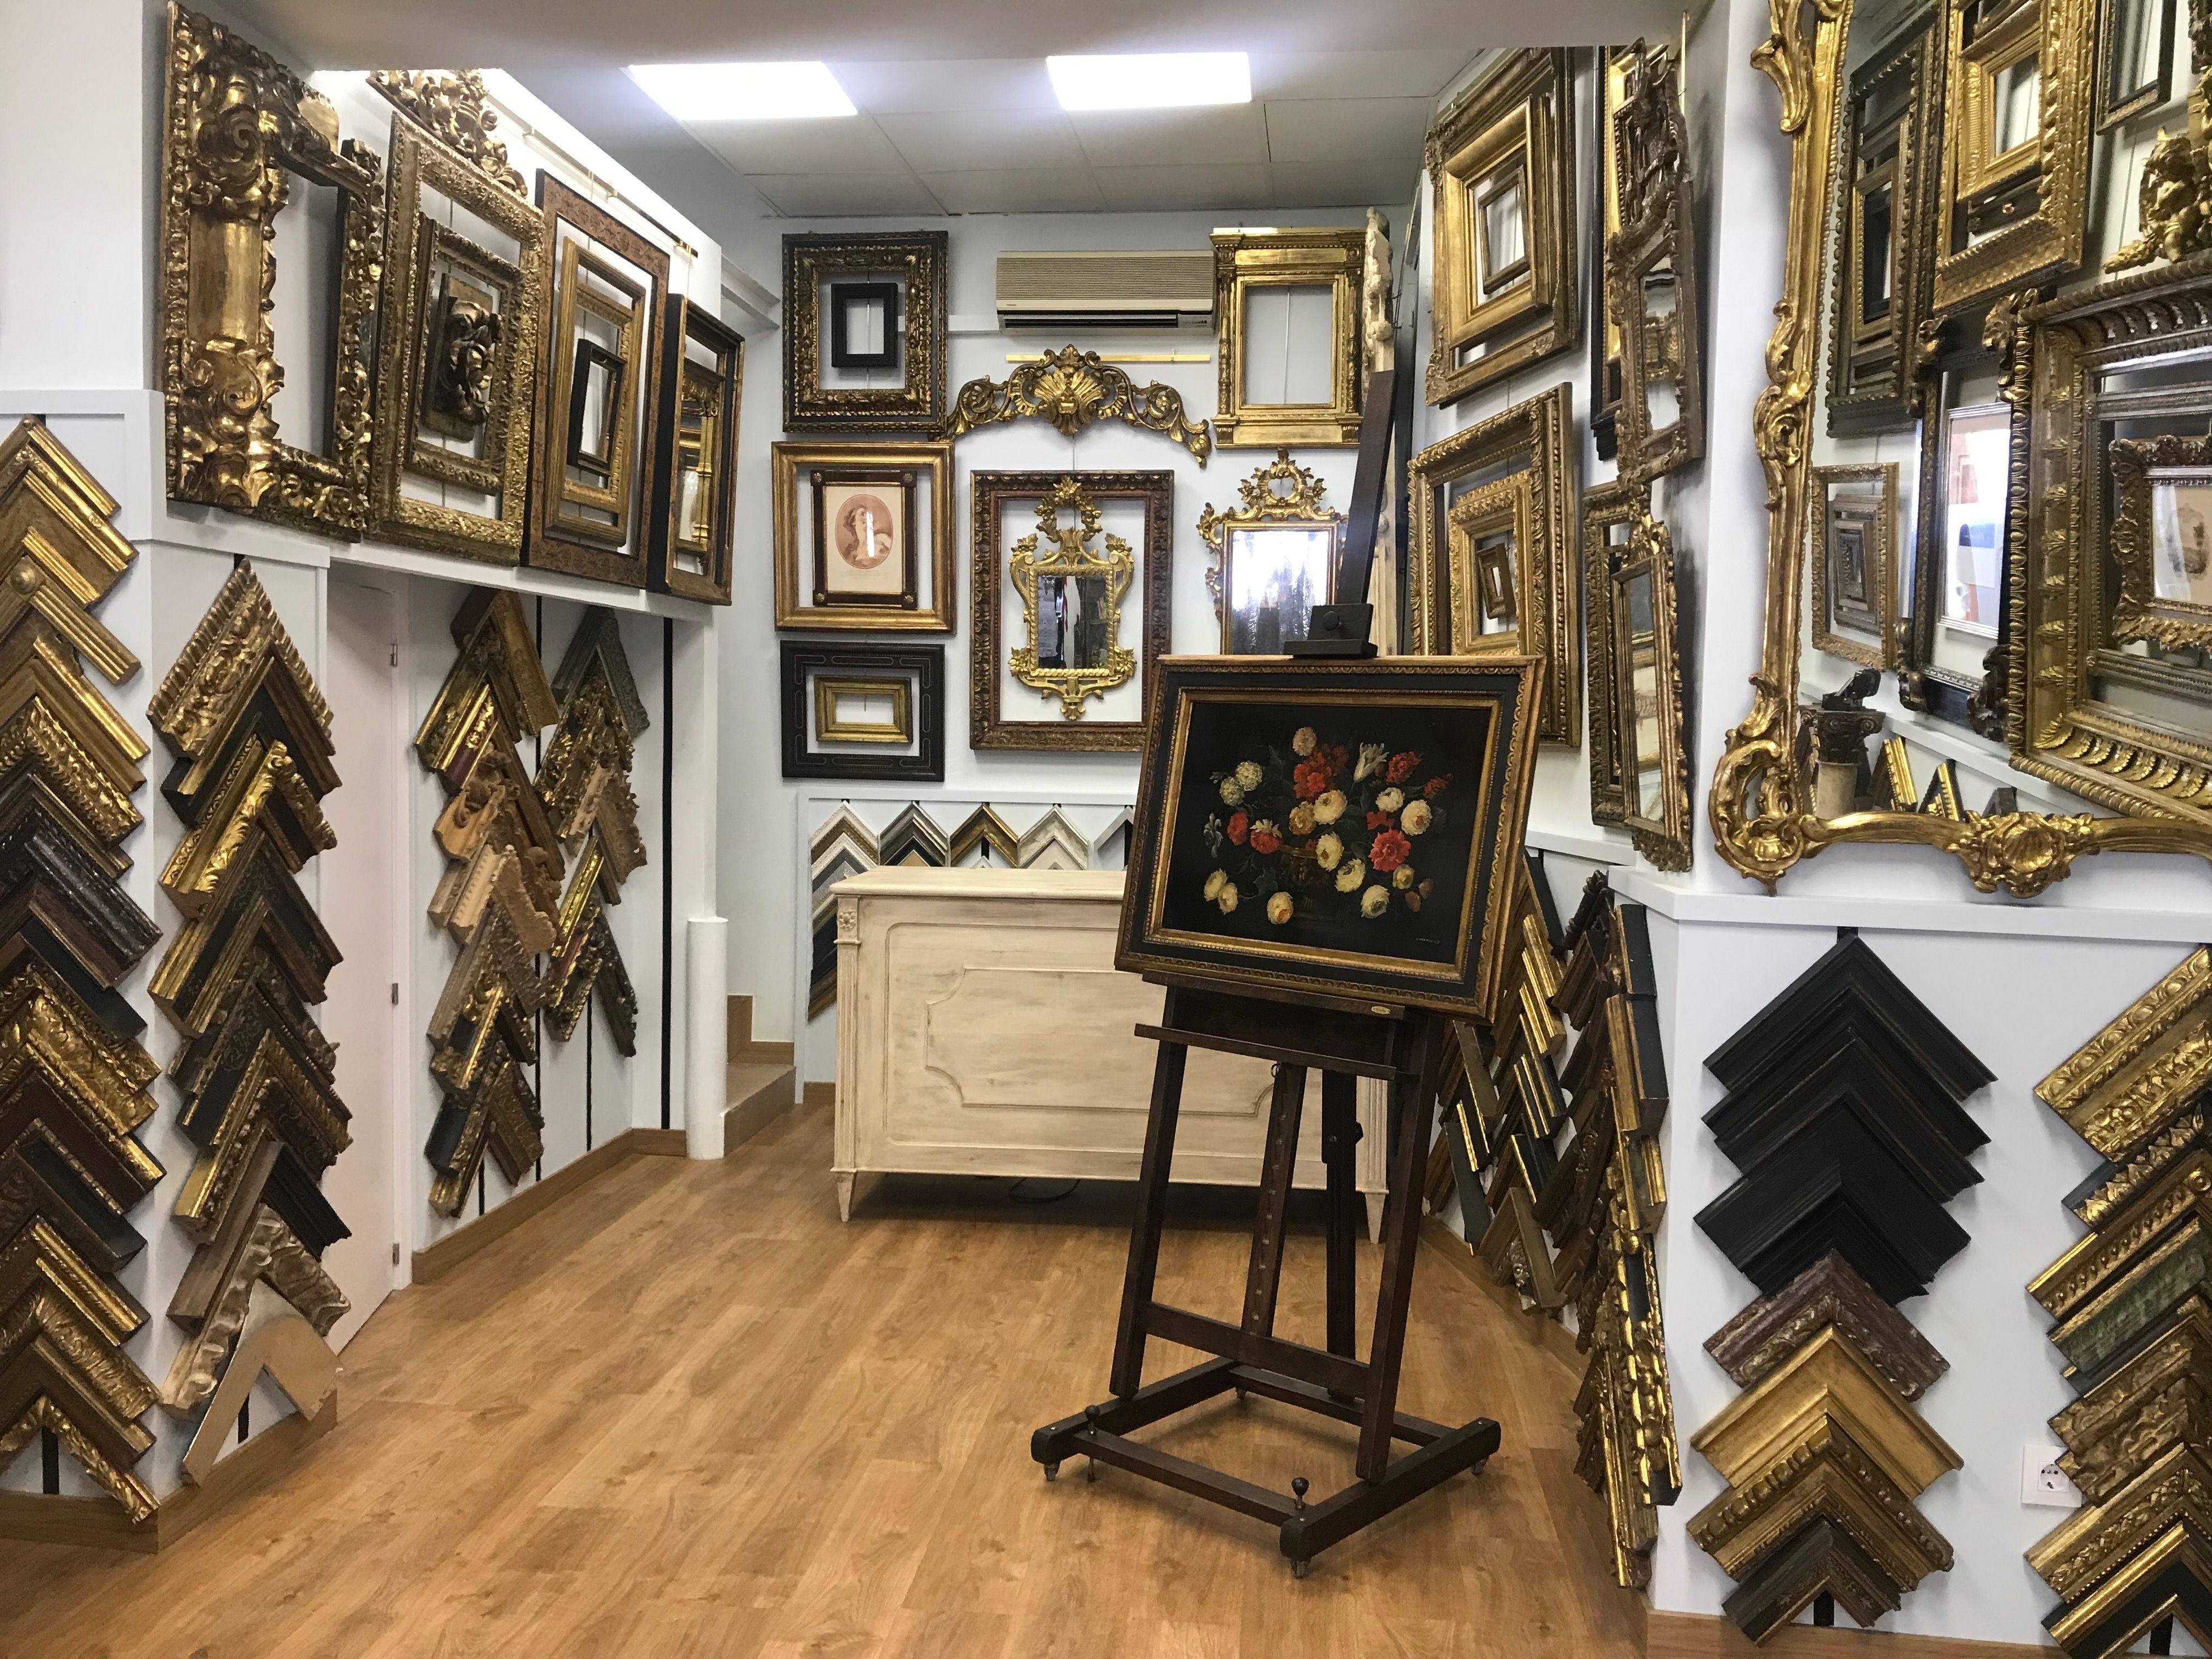 nuestra tienda, calle goya 50 - Marcos antiguos, Tiendas, Marcos